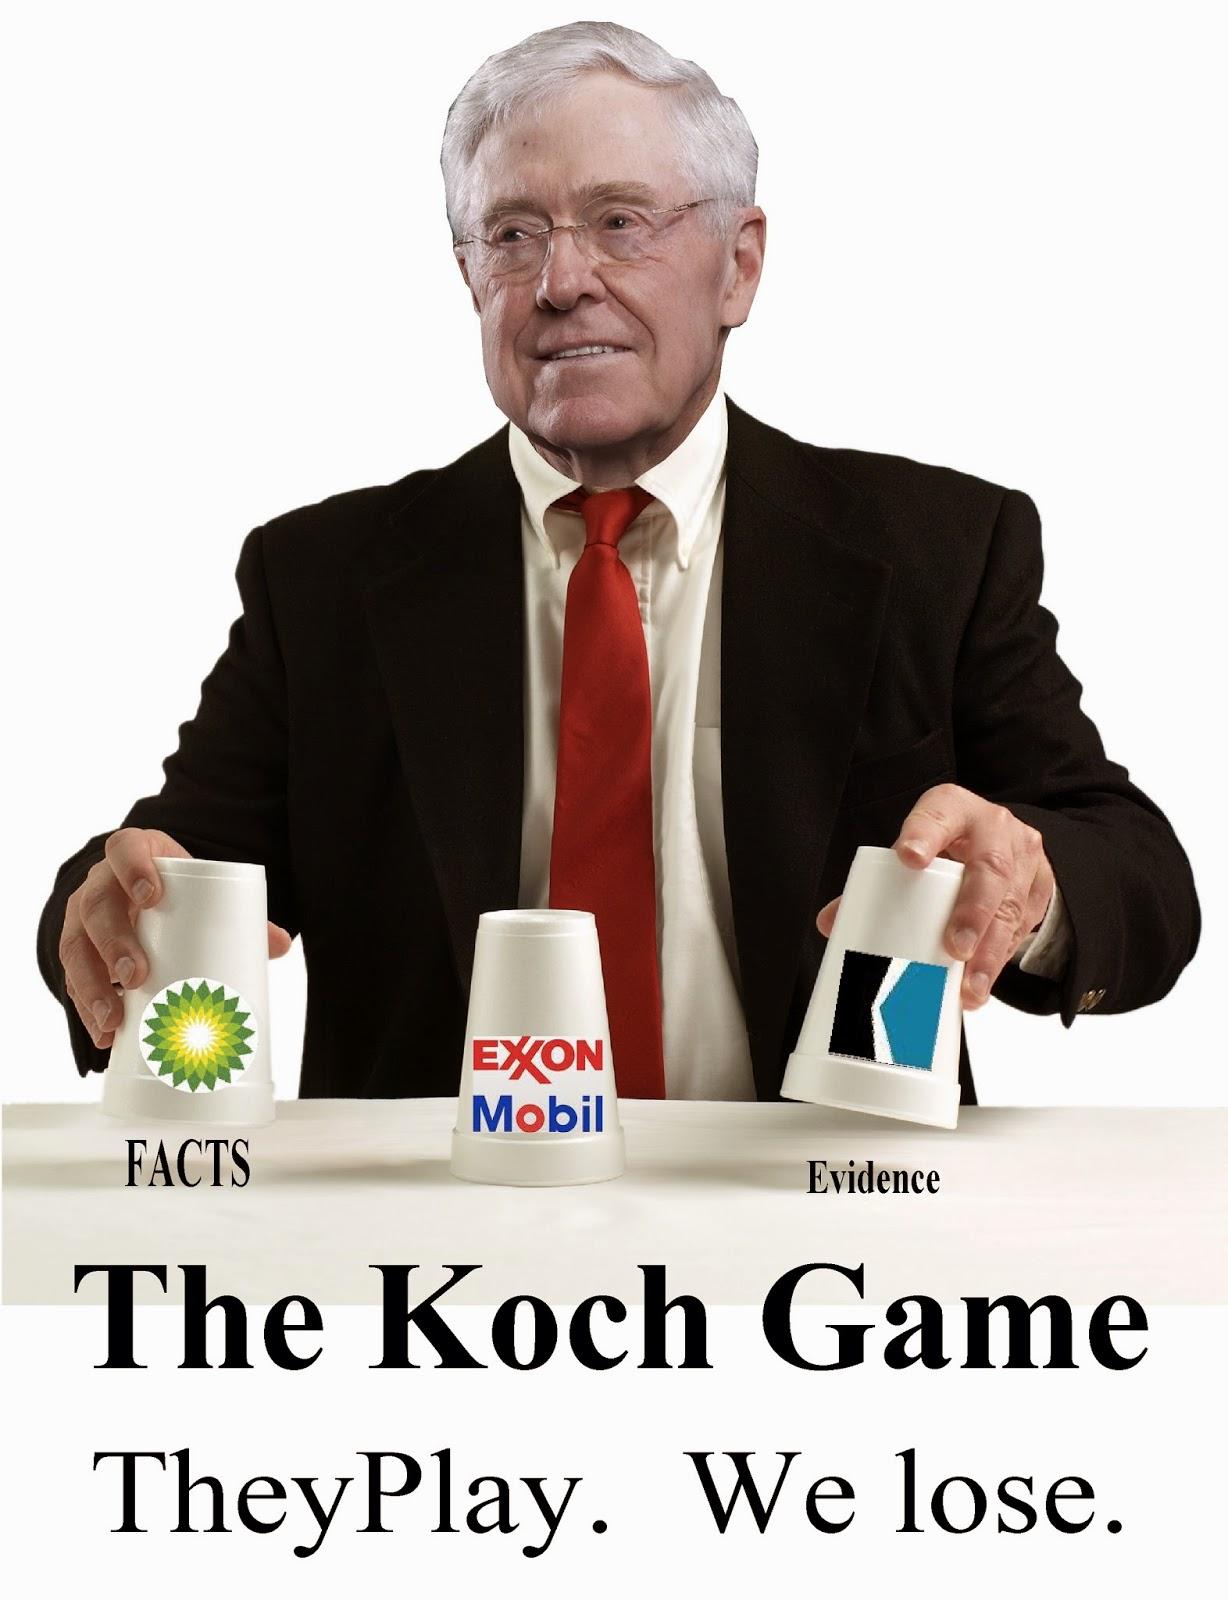 Koch Games